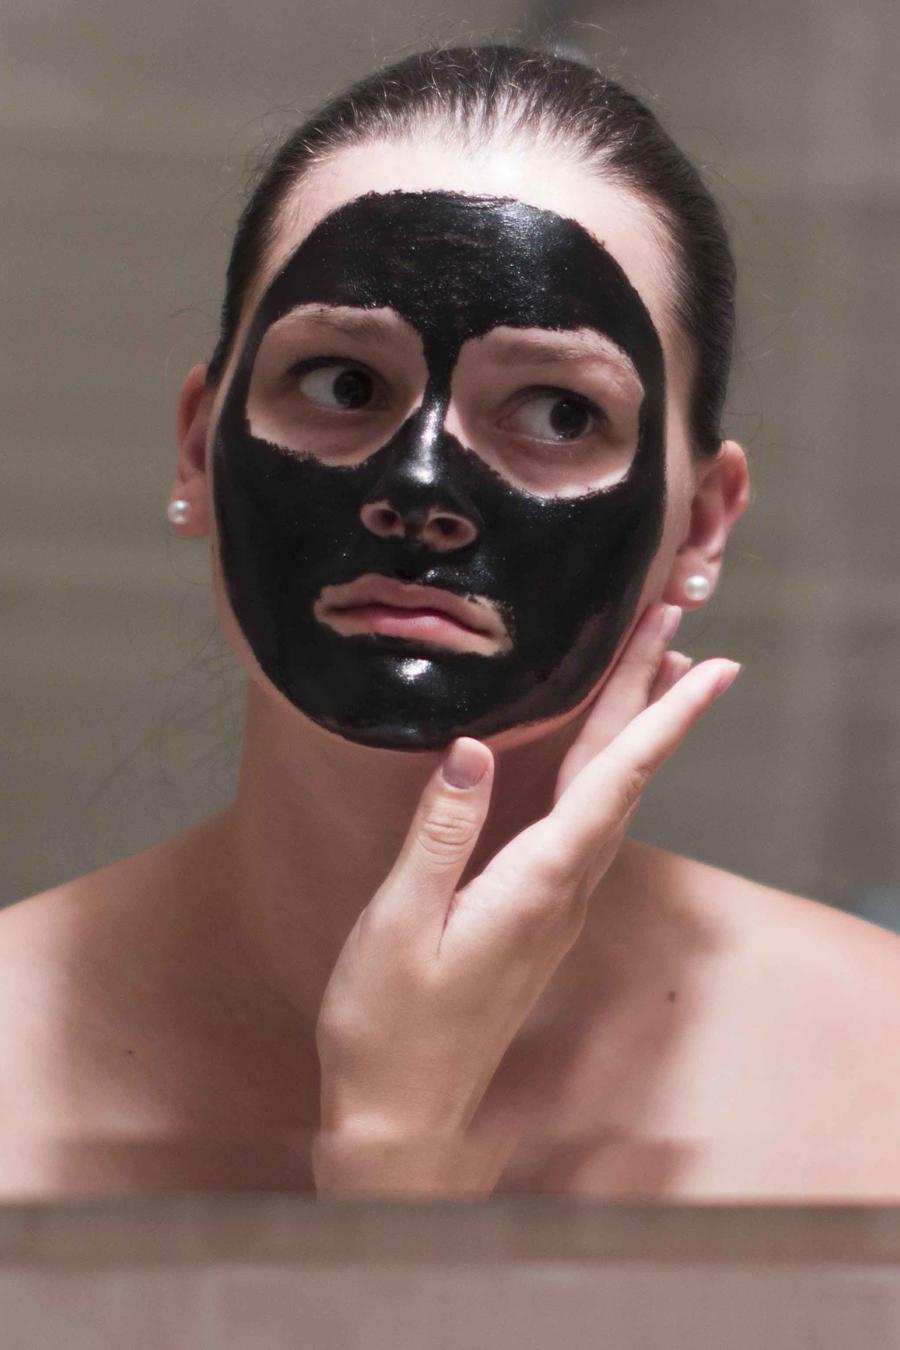 Mujer con mascarilla en el rostro, frente al espejo